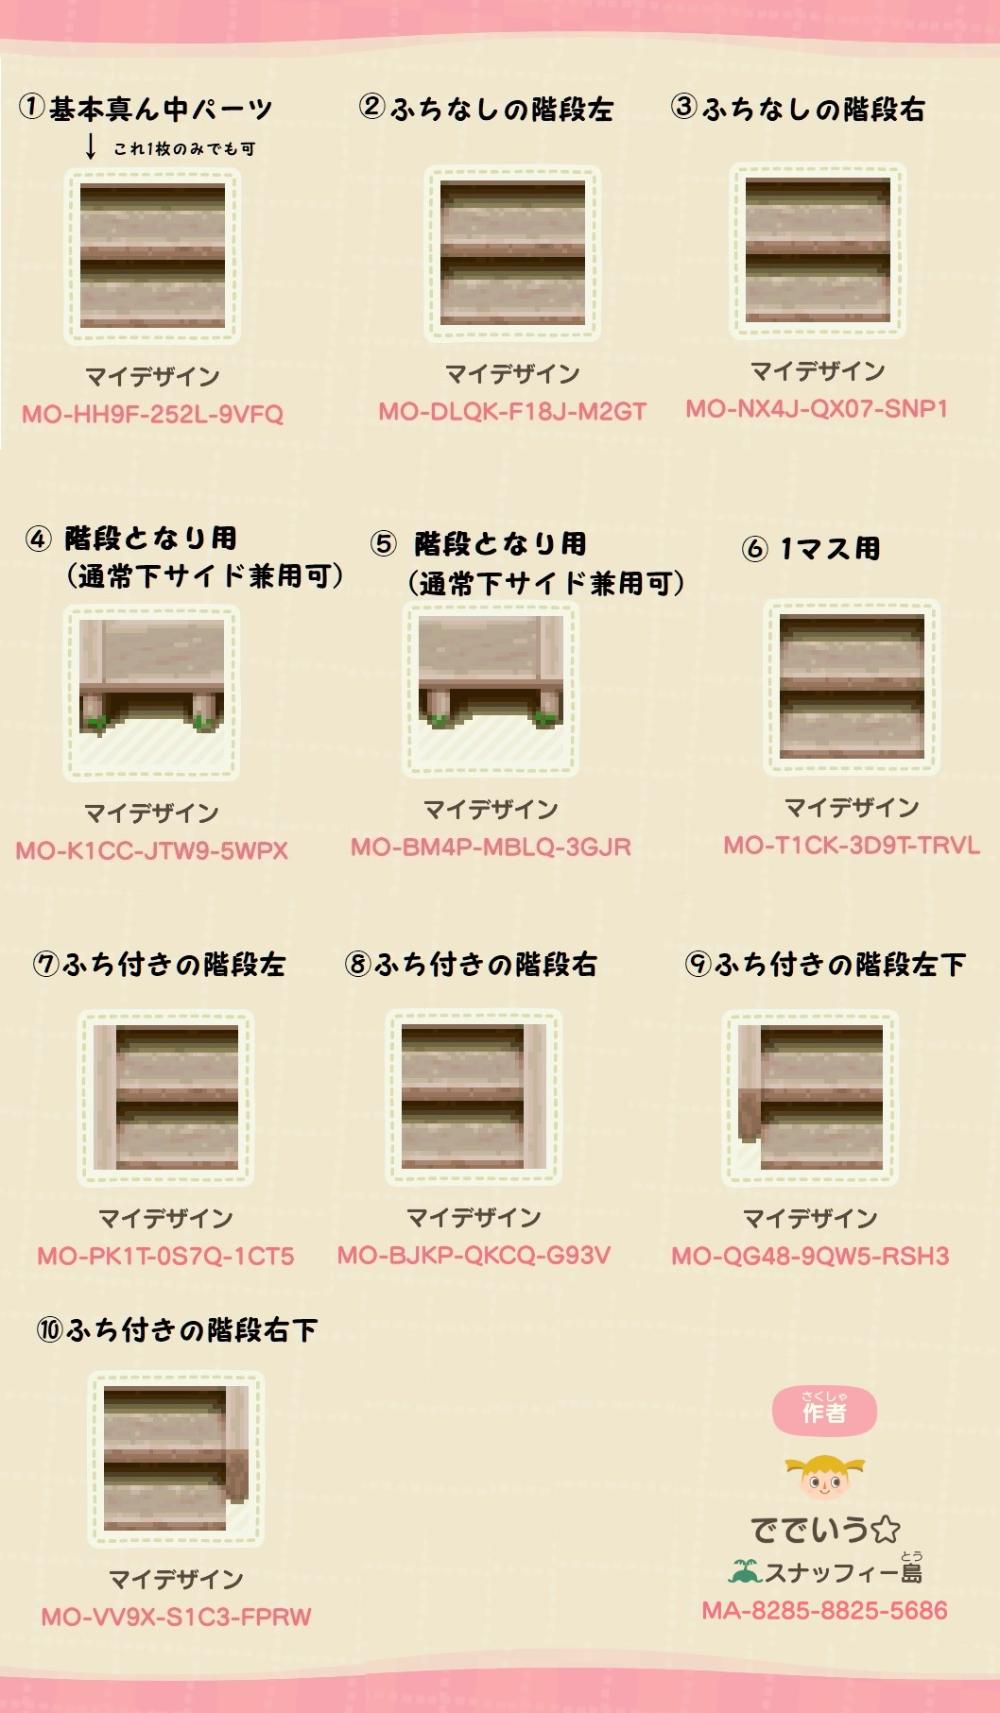 ボード Animal Crossing Patterns のピン